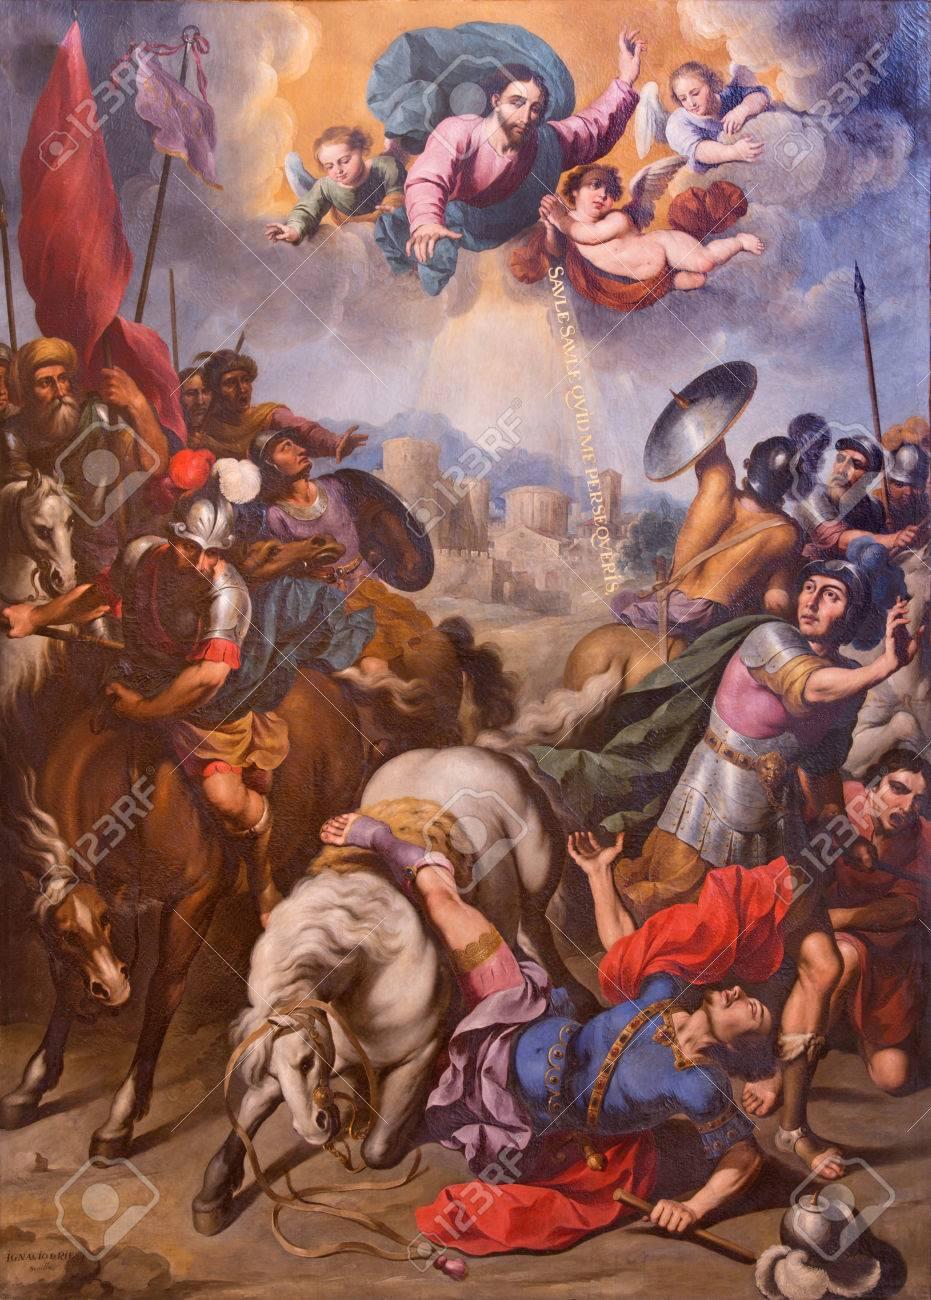 SEGOVIA, SPAIN, APRIL - 14, 2016: The Conversion of St. Paul painting by Ignacio de Ries (1612 - 1661) in Cathedral Nuestra Senora de la Asuncion y de San Frutos de Segovia. - 58864766